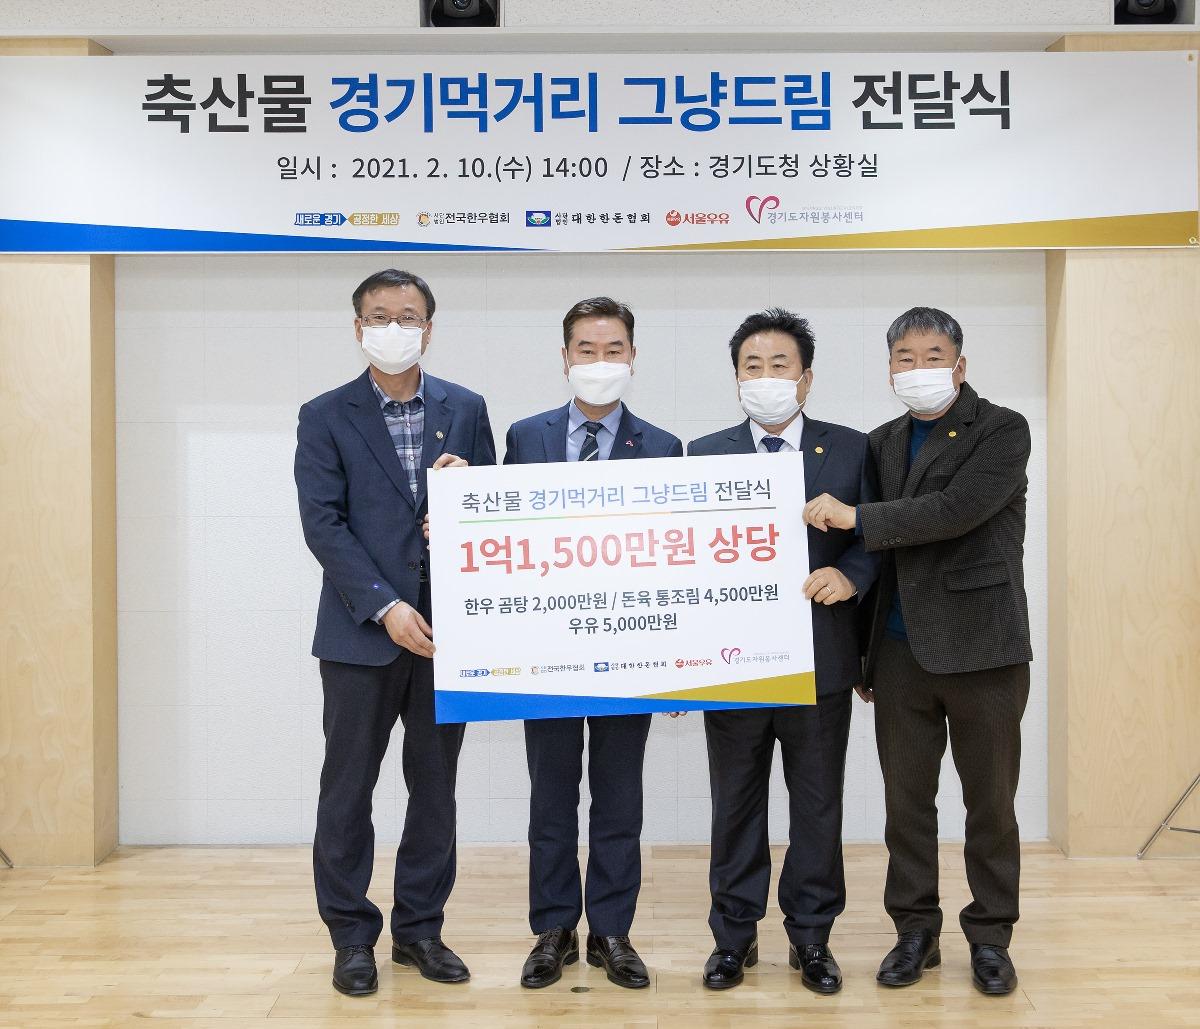 경기도내 축산농가 '경기 먹거리 그냥드림 '에 1억1,500만 원 상당 축산물 기부